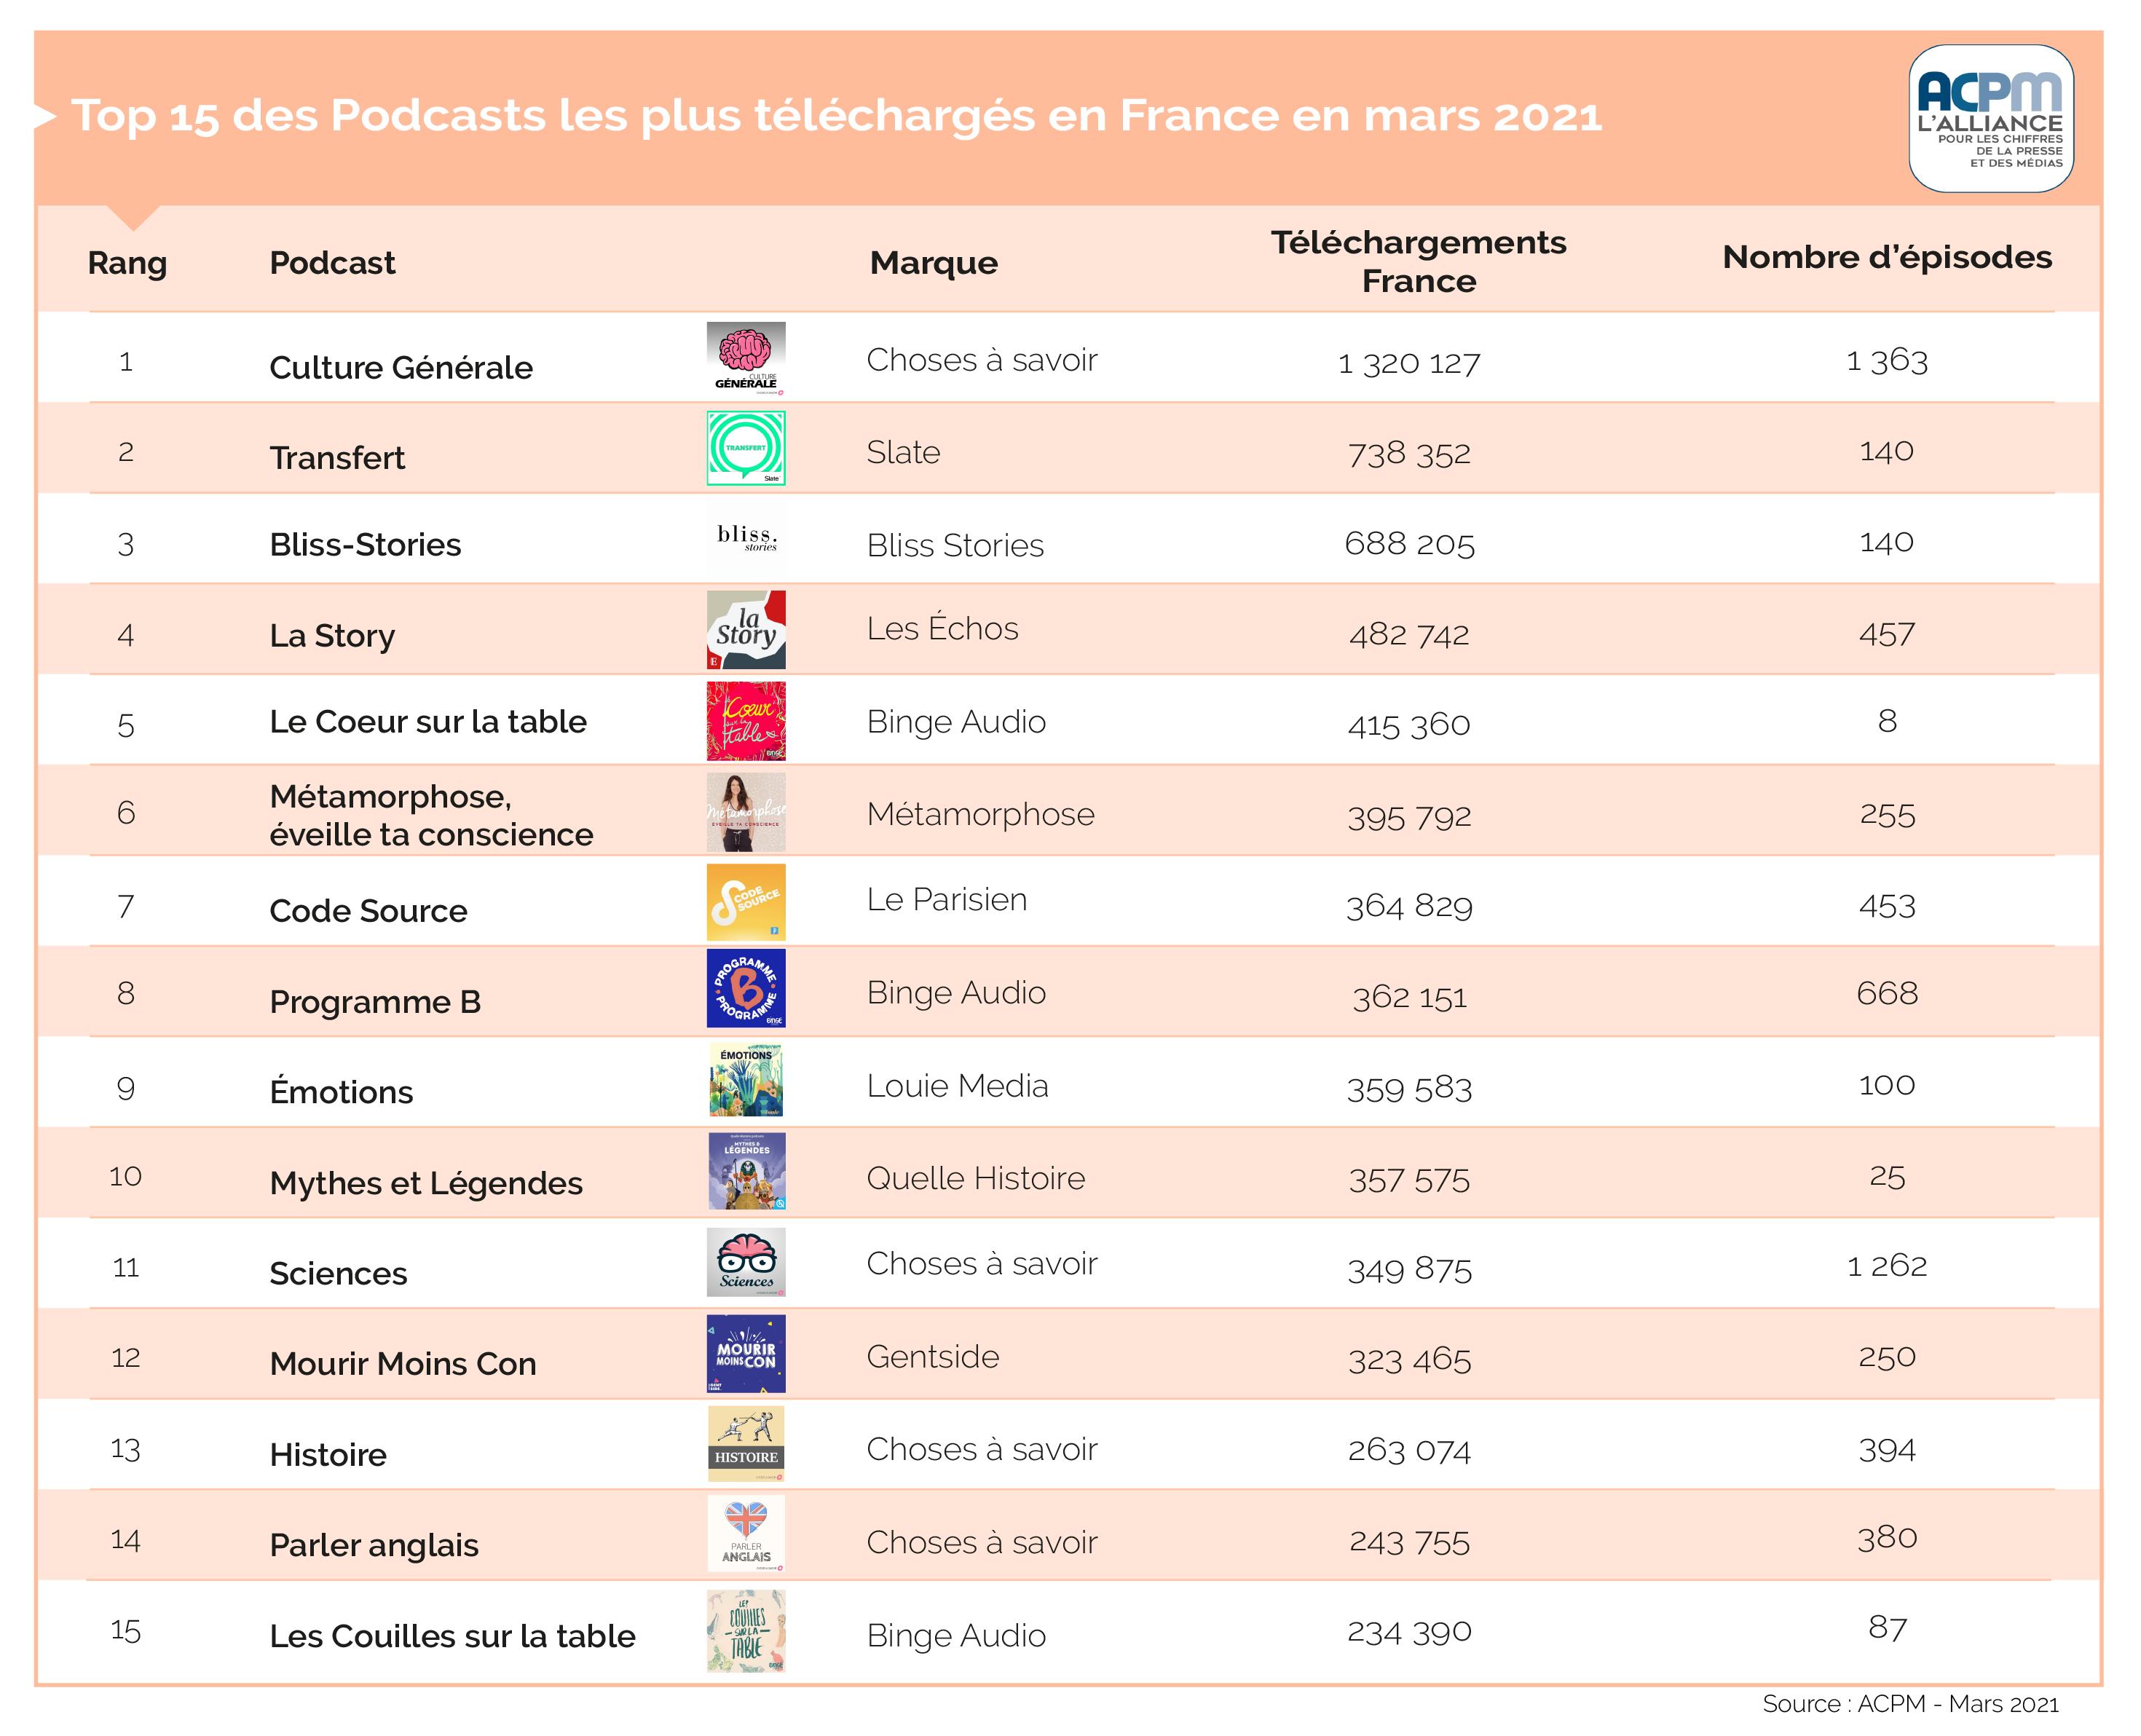 Transparence des médias : l'OJD fiabilise son classement des podcasts Top%2015%20Podcasts%20Mars%2021%281%29